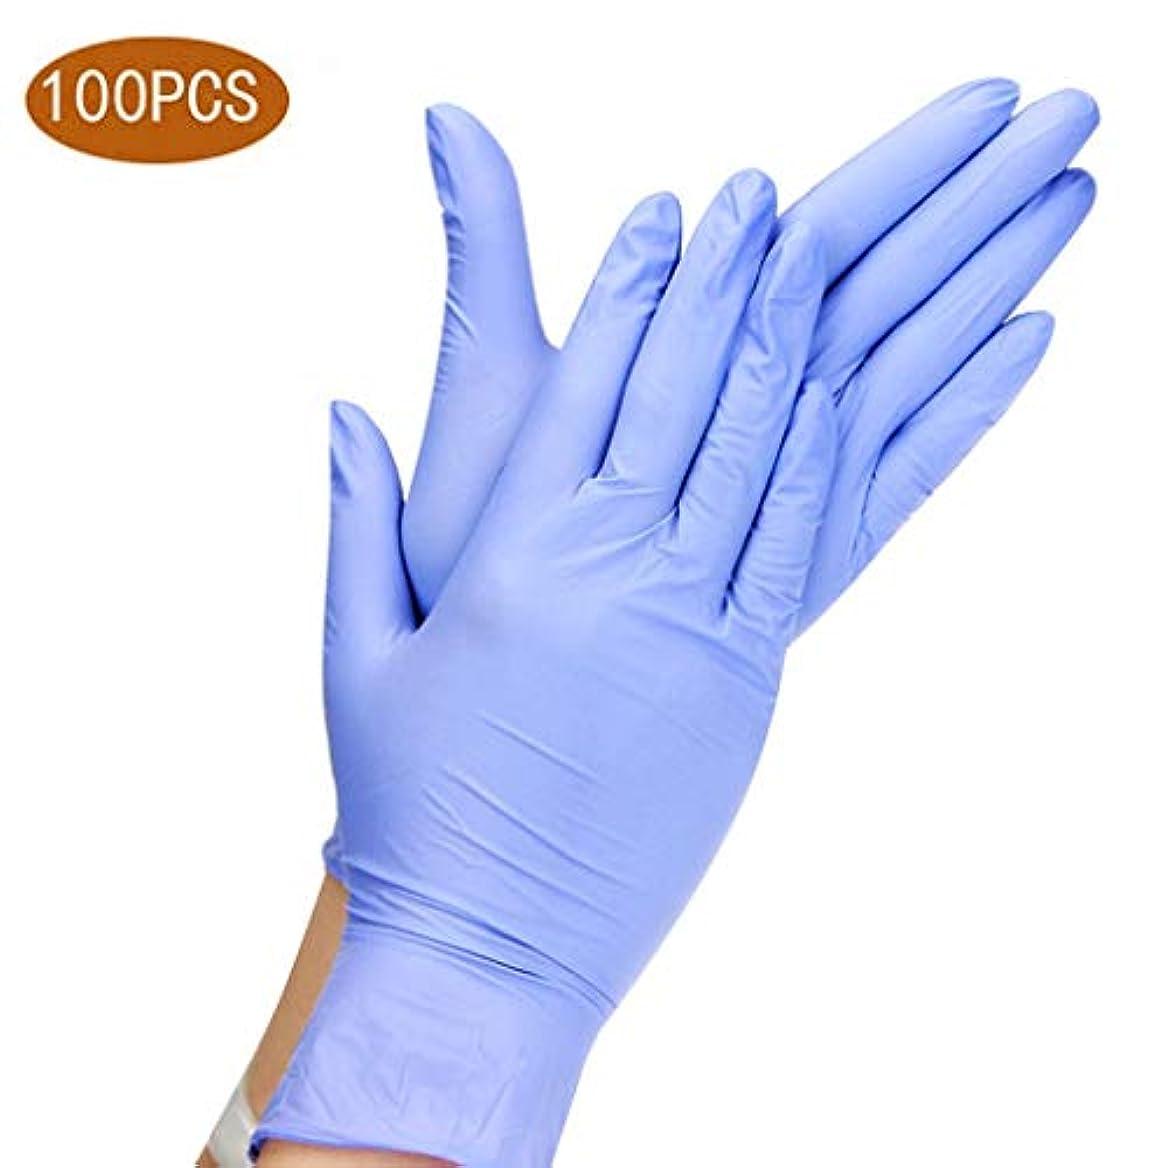 マークされた破裂区別するニトリル手袋ビニール試験使い捨て手袋-検査実験美容歯科、弾性油耐性工業用サロンラテックスフリー、パウダーフリー、両手利き、100個 (Size : S)